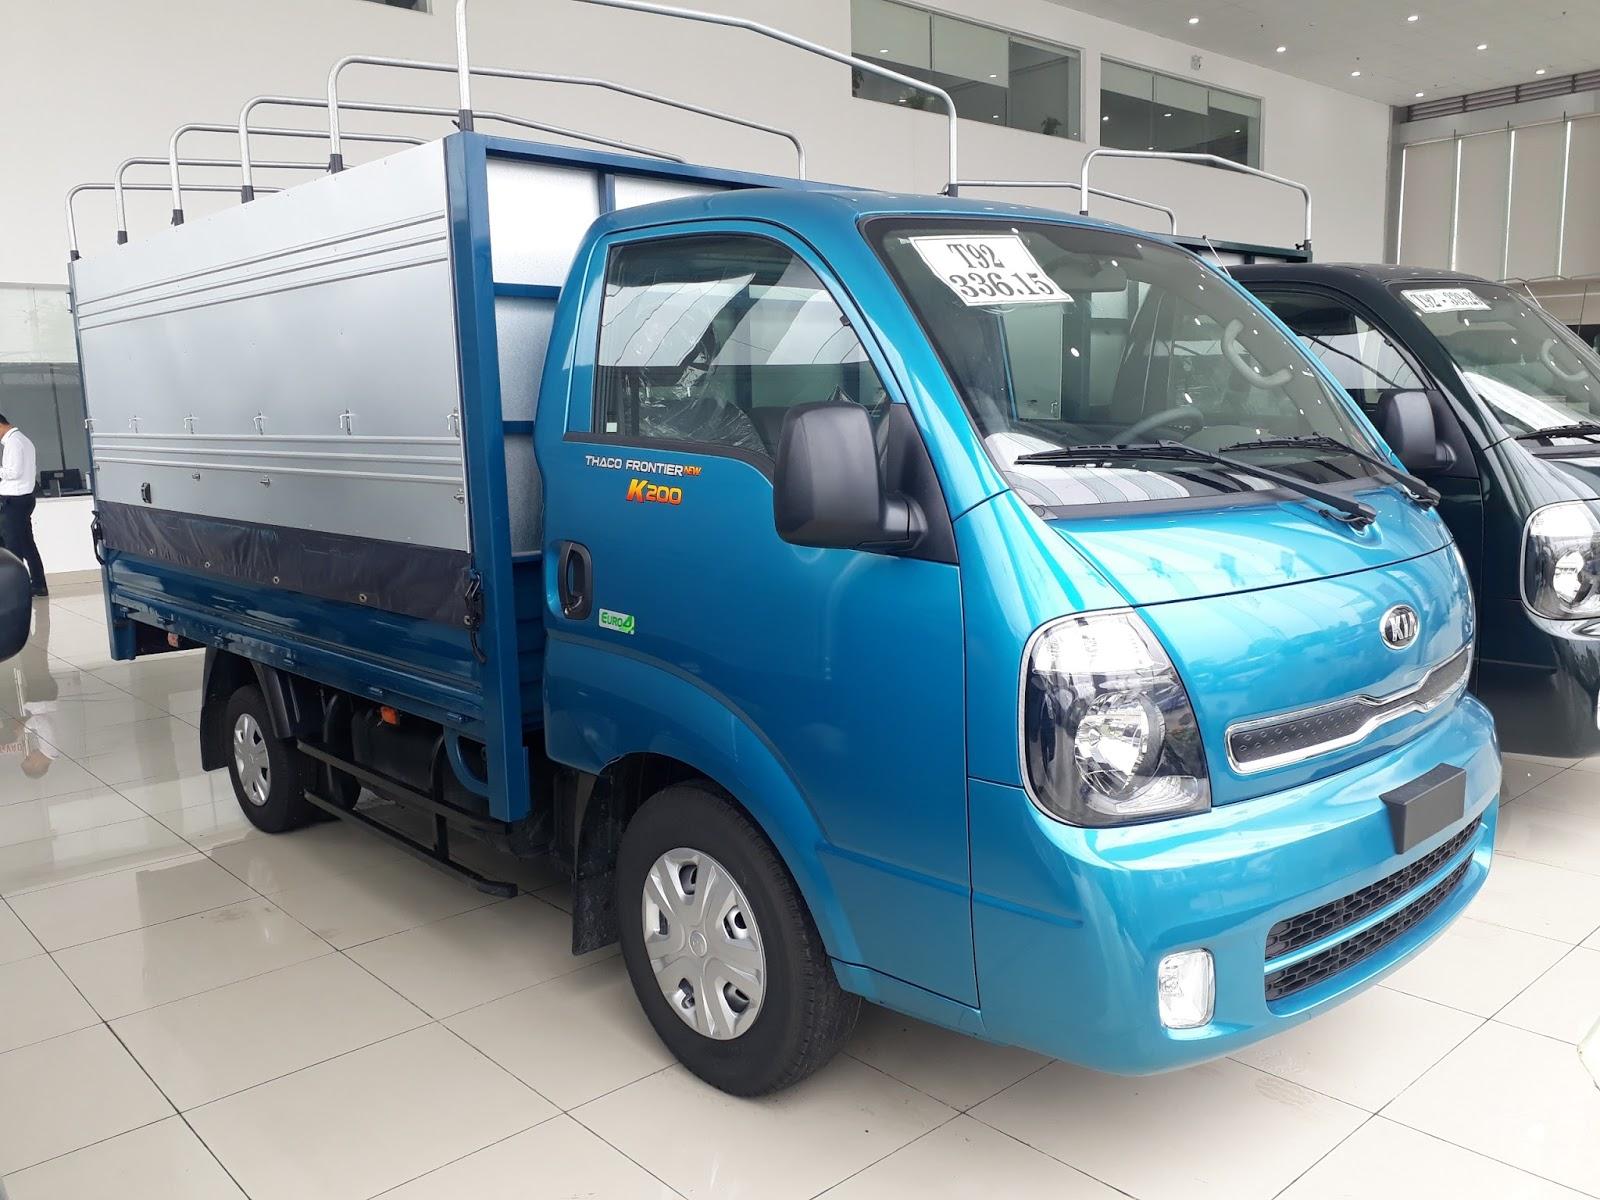 Cửa hàng bán xe hyundai 1 tấn Thaco K200  tại Hải Phòng Trọng Thiện